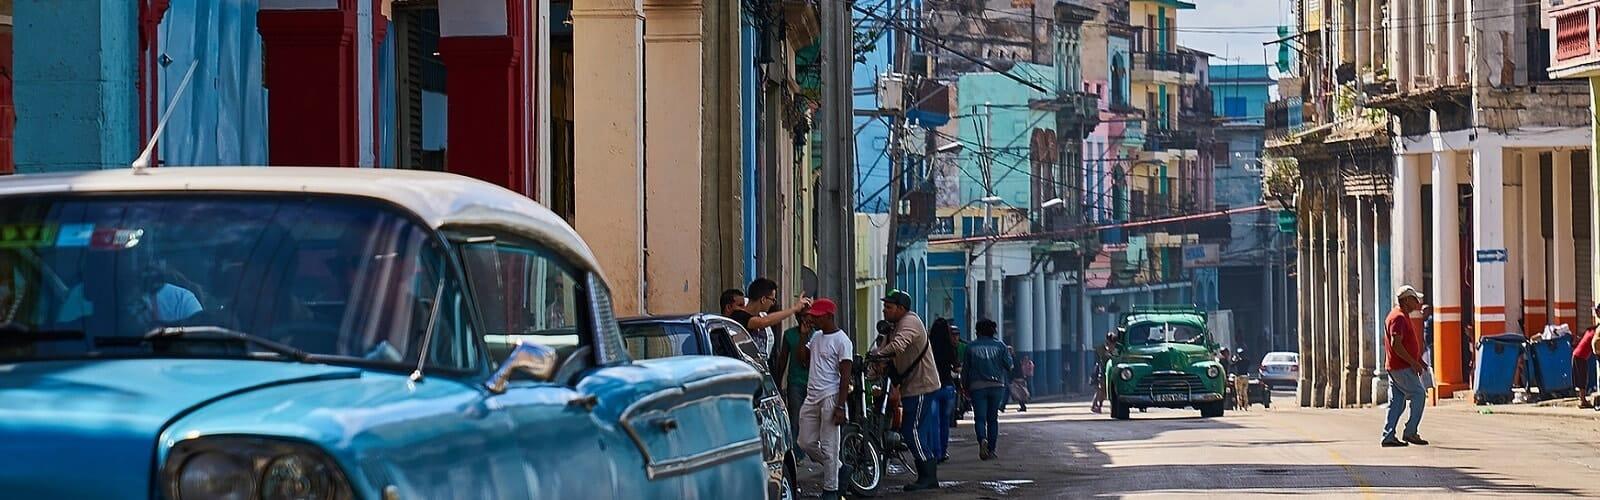 Case Vacanze e Appartamenti a Cuba